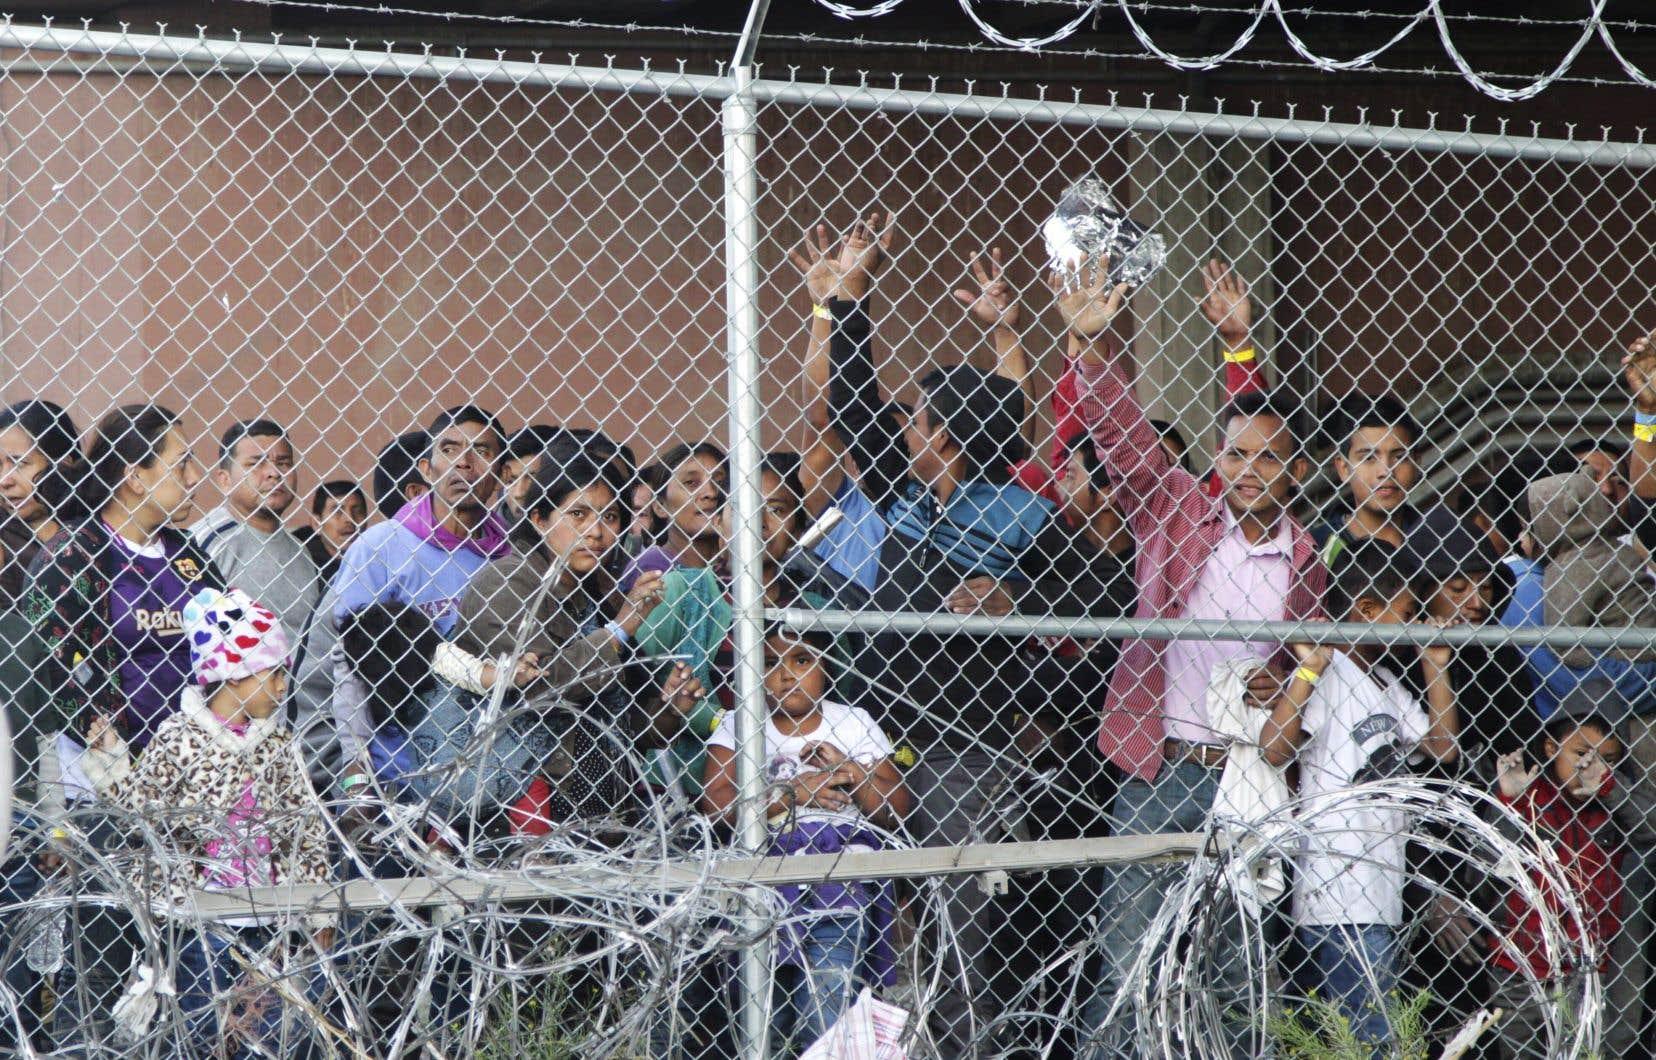 Des migrants d'Amérique centrale attendent de la nourriture dans un enclos érigé par les services frontaliers américains à El Paso, au Texas, pour traiter un nombre élevé de demandeurs d'asile, en mars dernier.